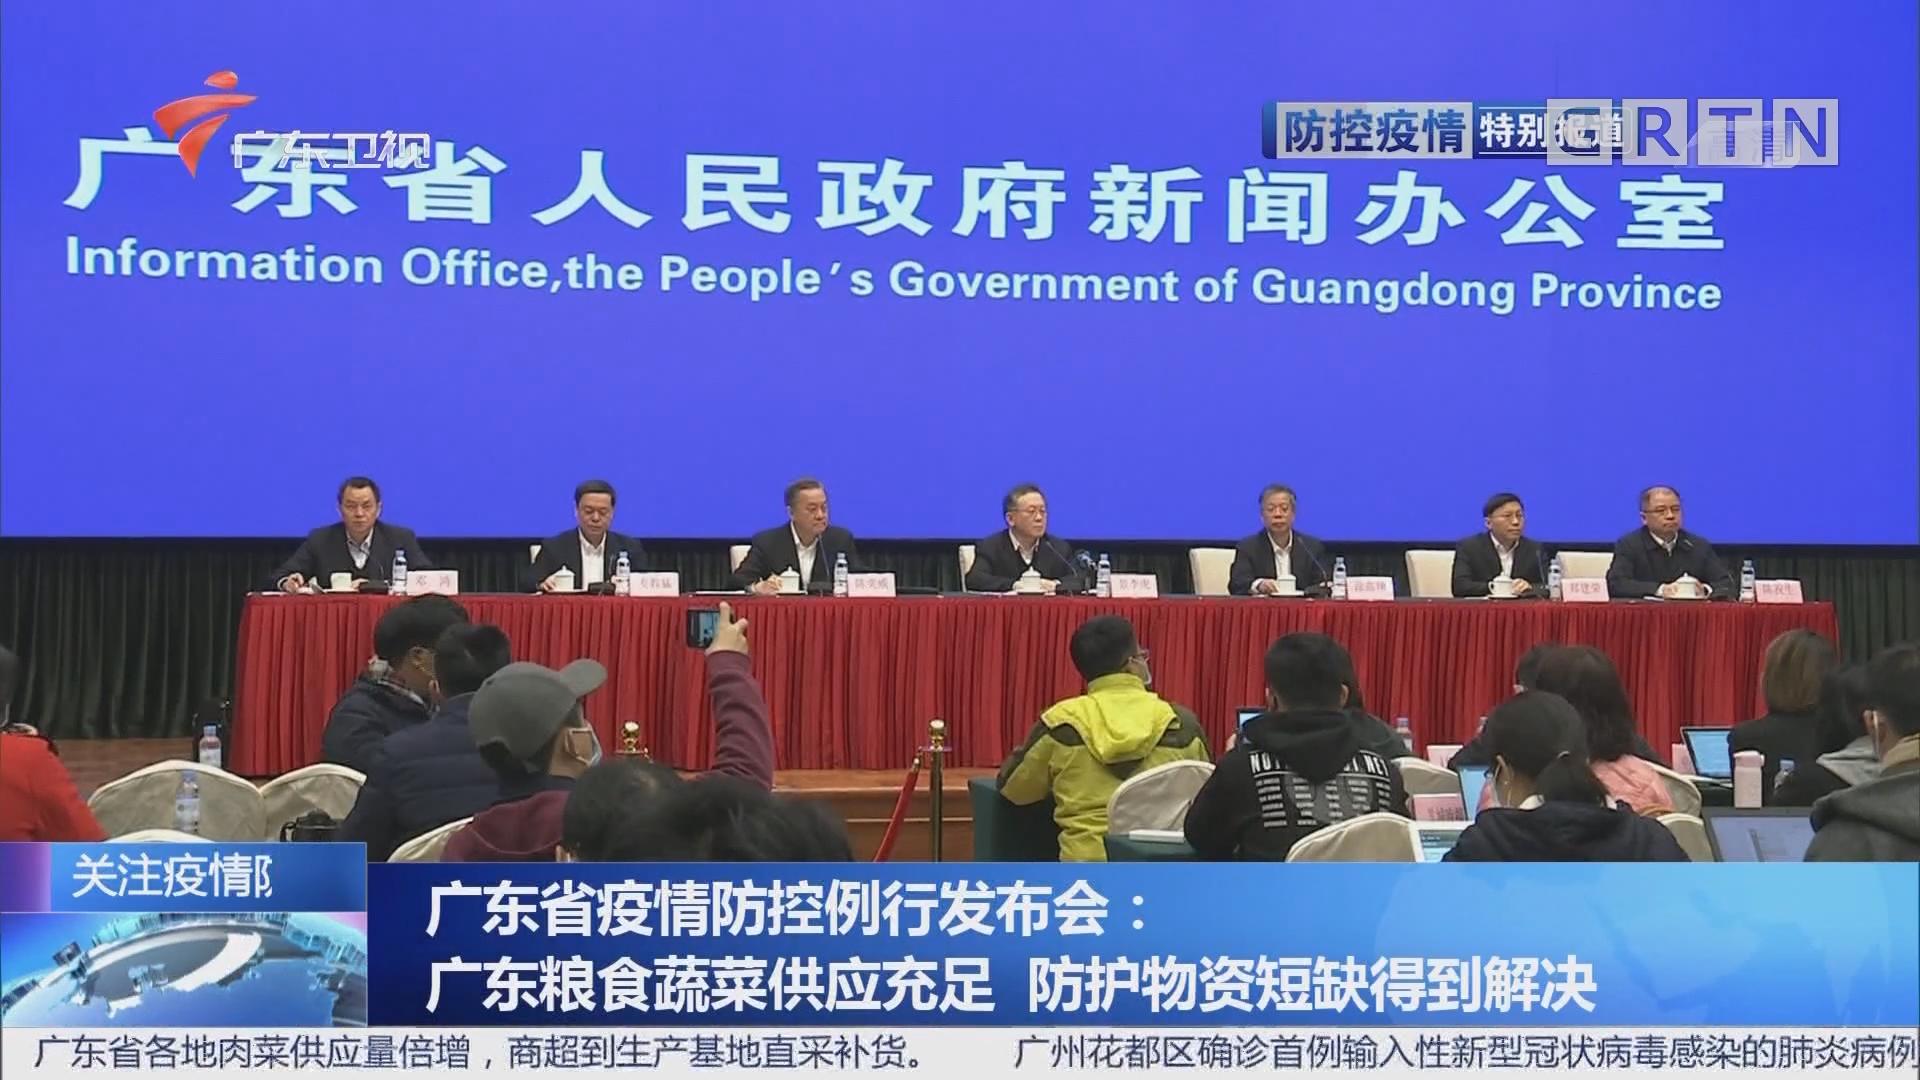 广东省疫情防控例行发布会:广东粮食蔬菜供应充足 防护物资短缺得到解决